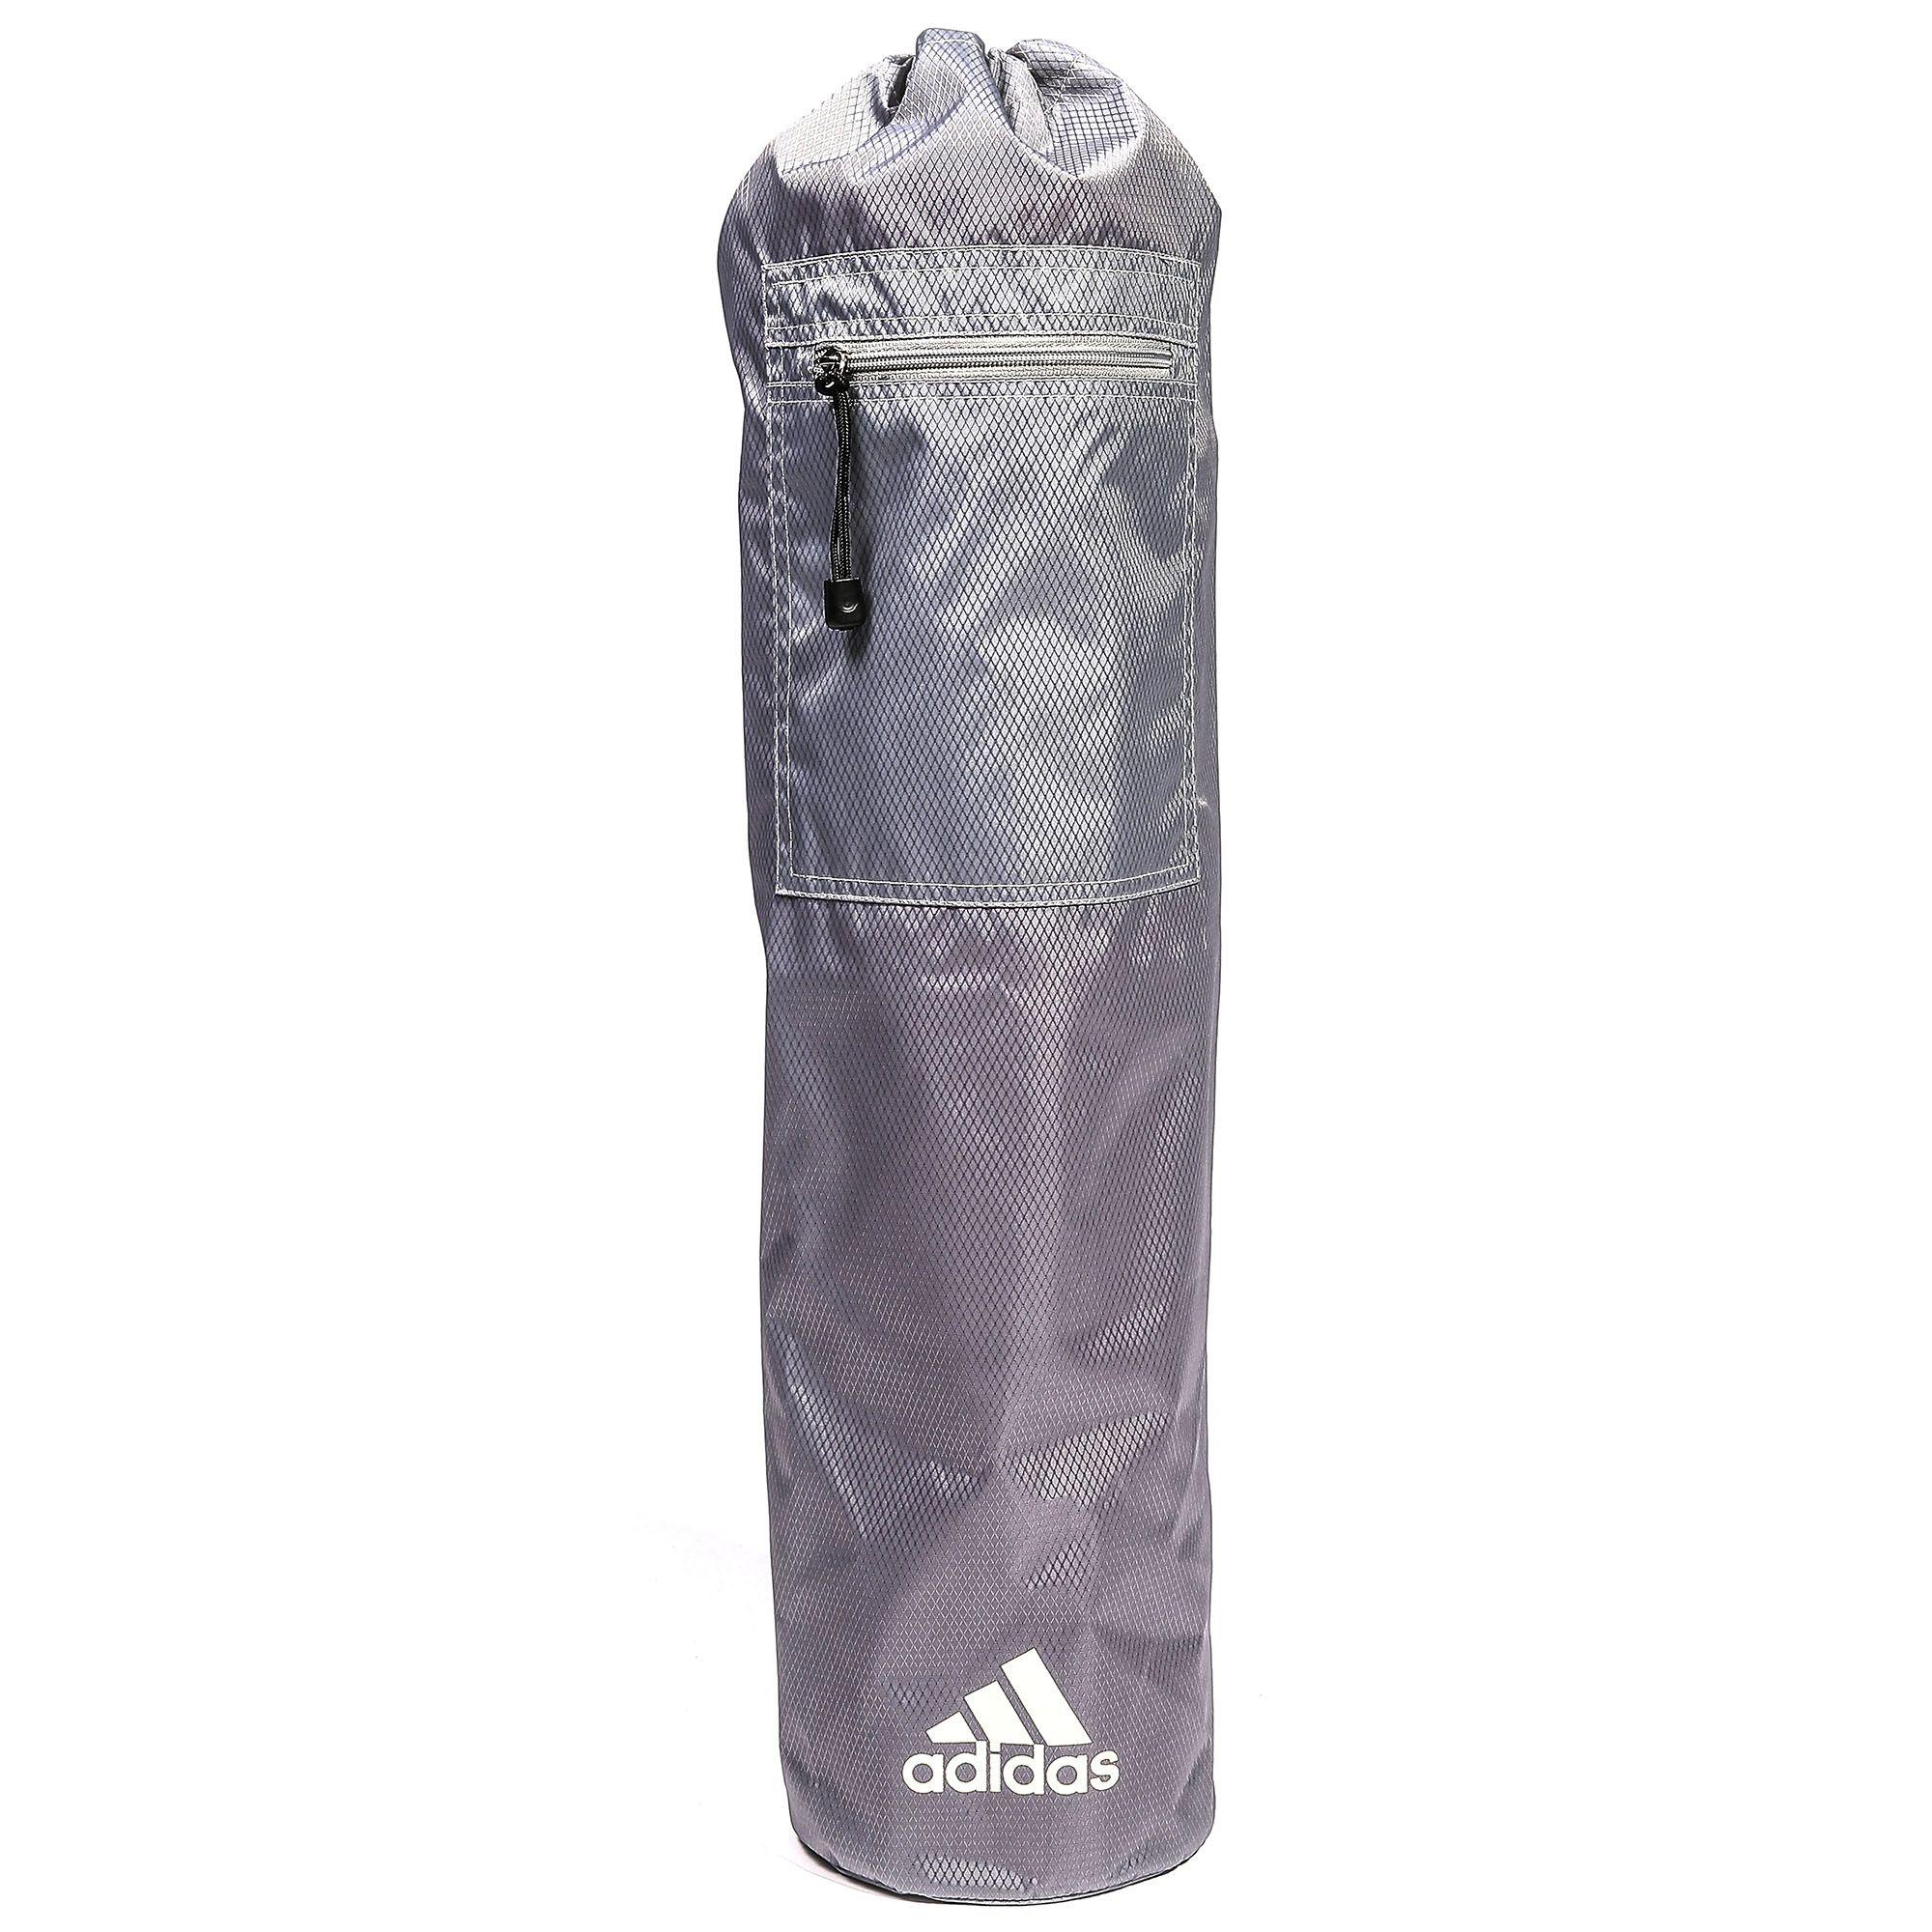 Adidas Yoga Mat Bag